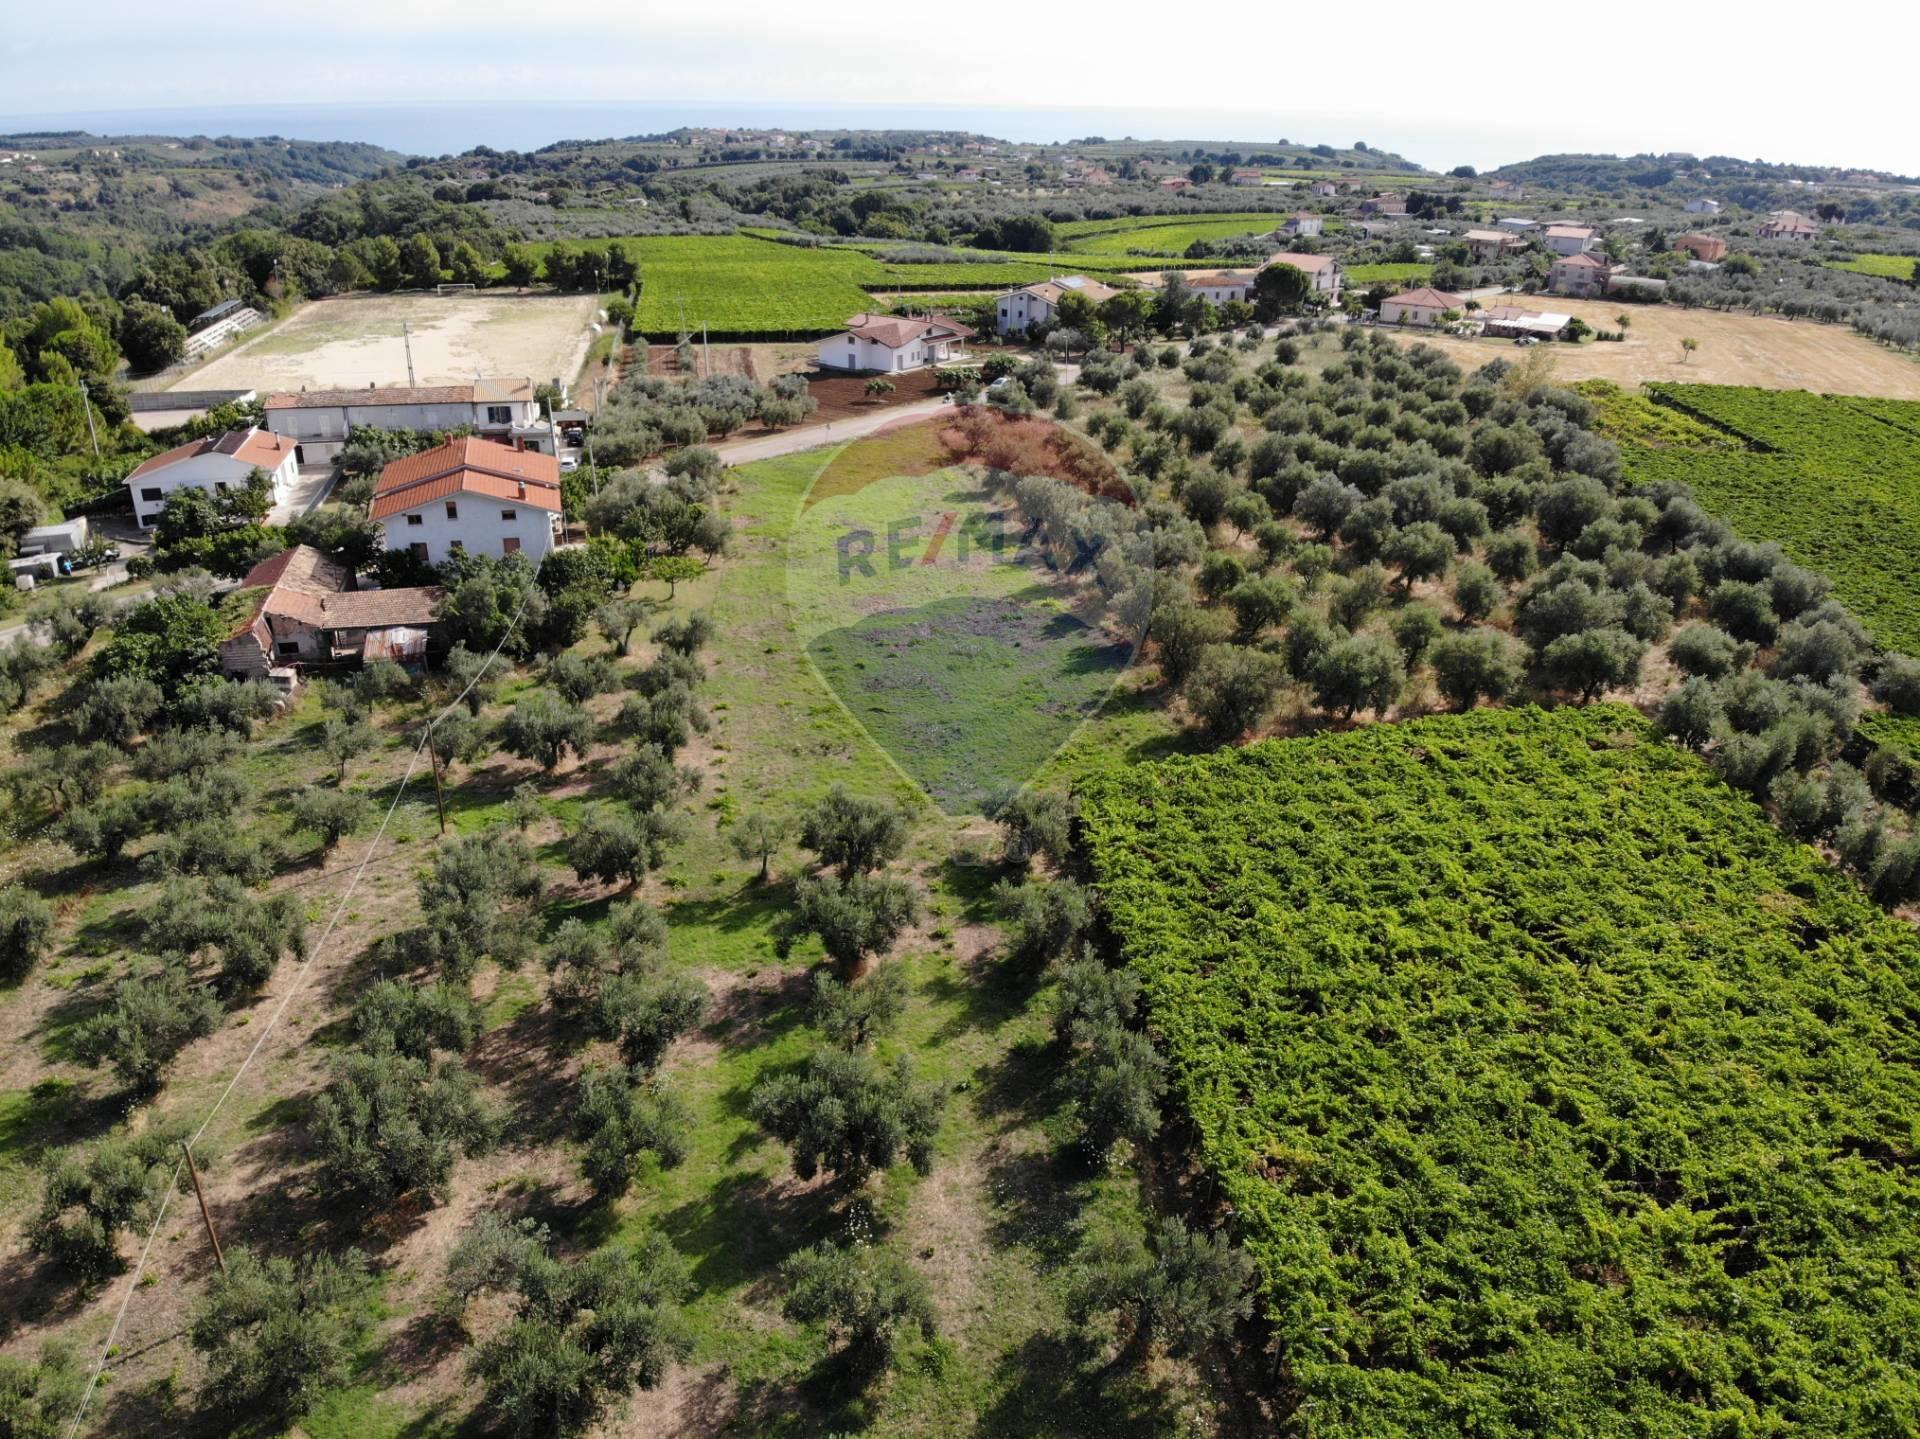 Terreno Edificabile Residenziale in vendita a Rocca San Giovanni, 9999 locali, prezzo € 80.000 | CambioCasa.it